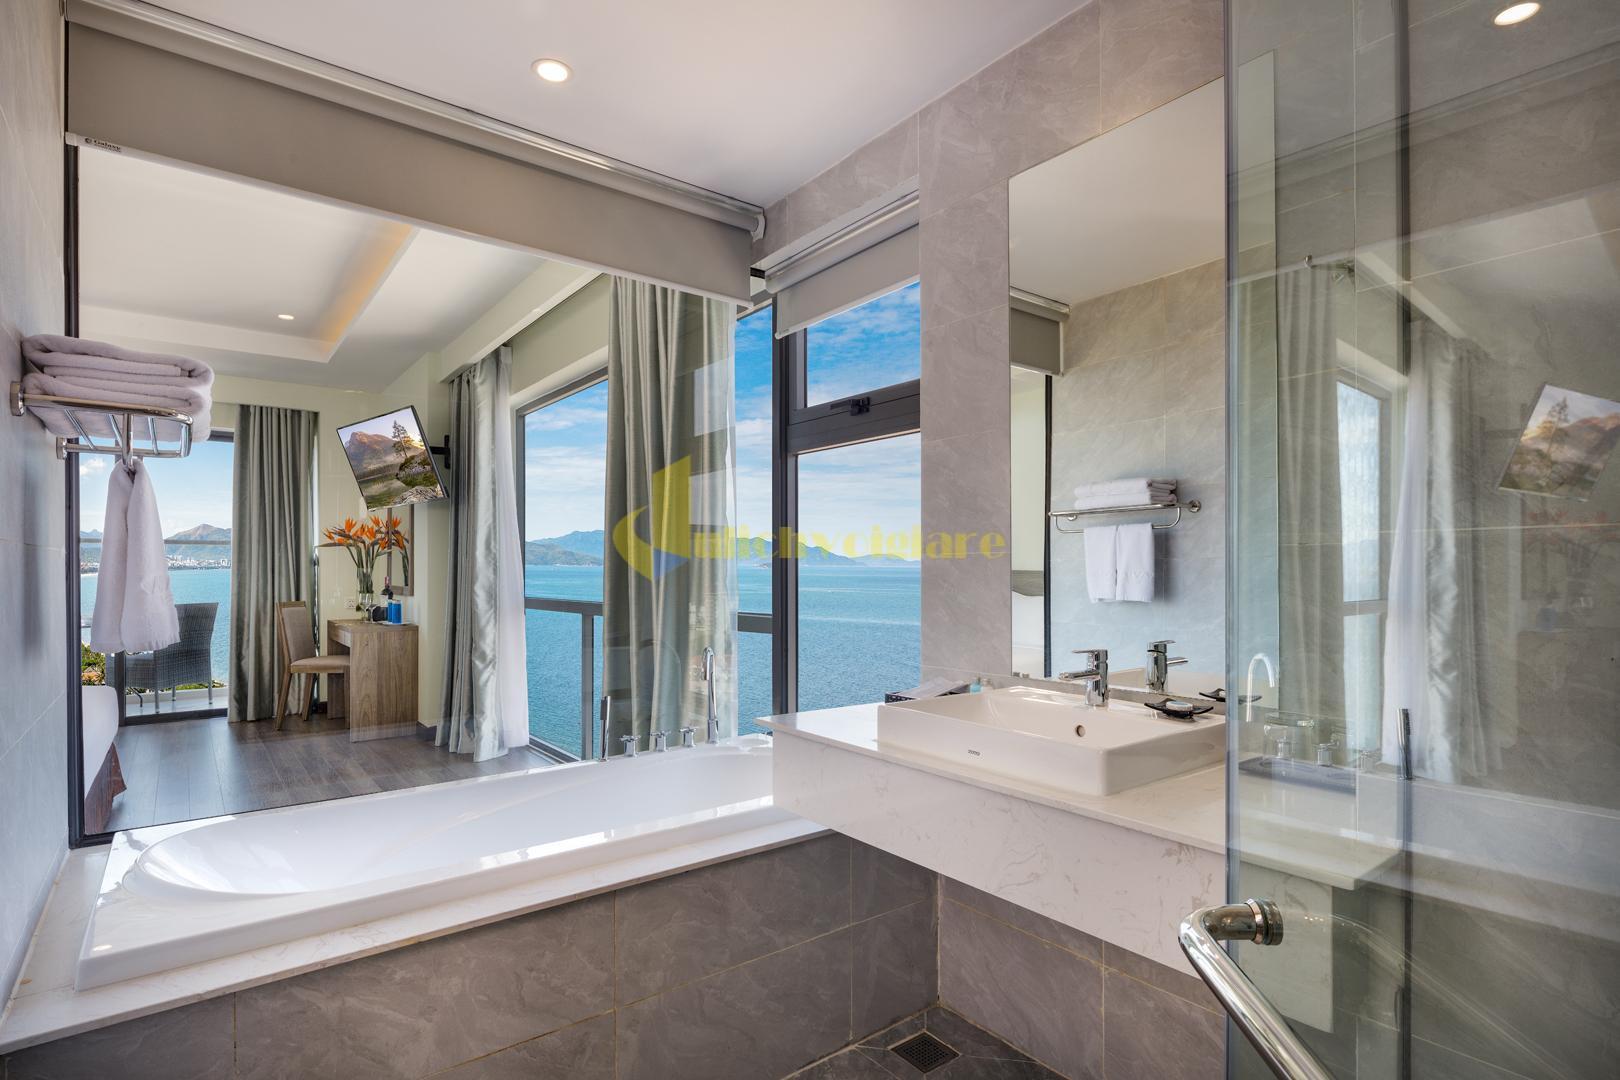 xavia-2 Top 10 Khách Sạn Đẹp Ngất Ngây Tại Nha Trang